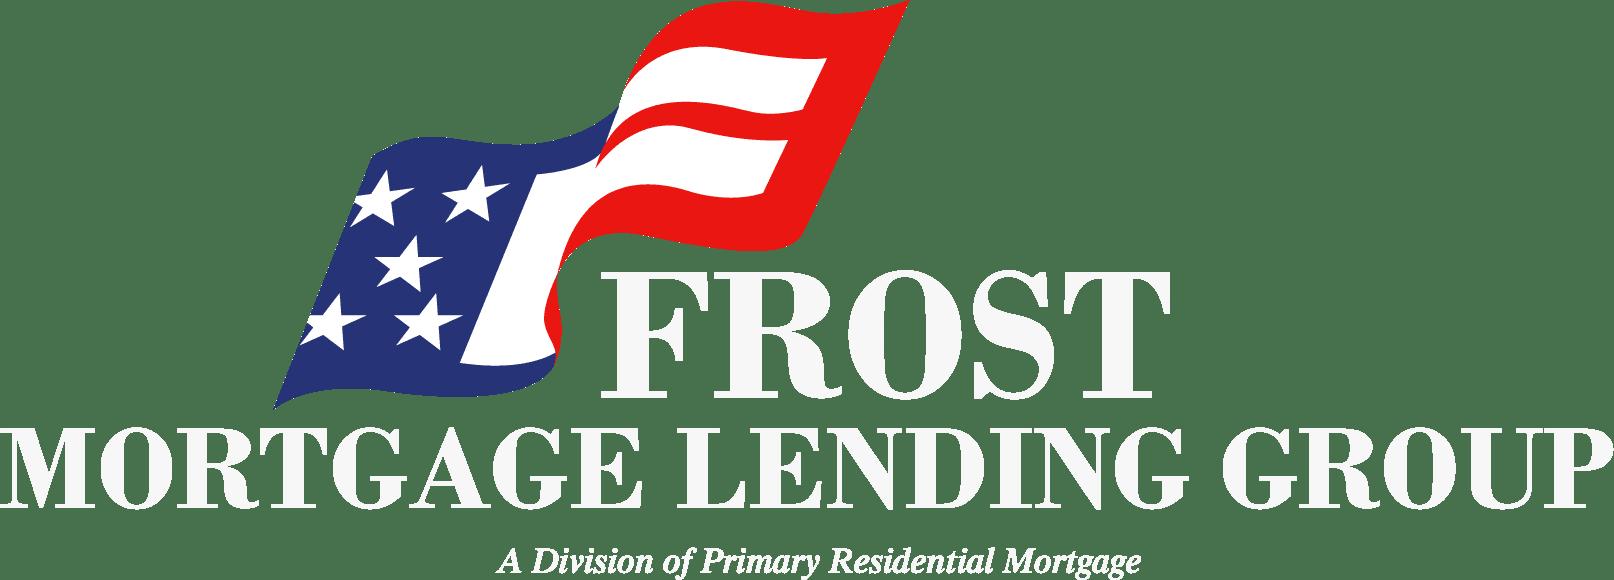 Frost-Mortgage-Lending-White